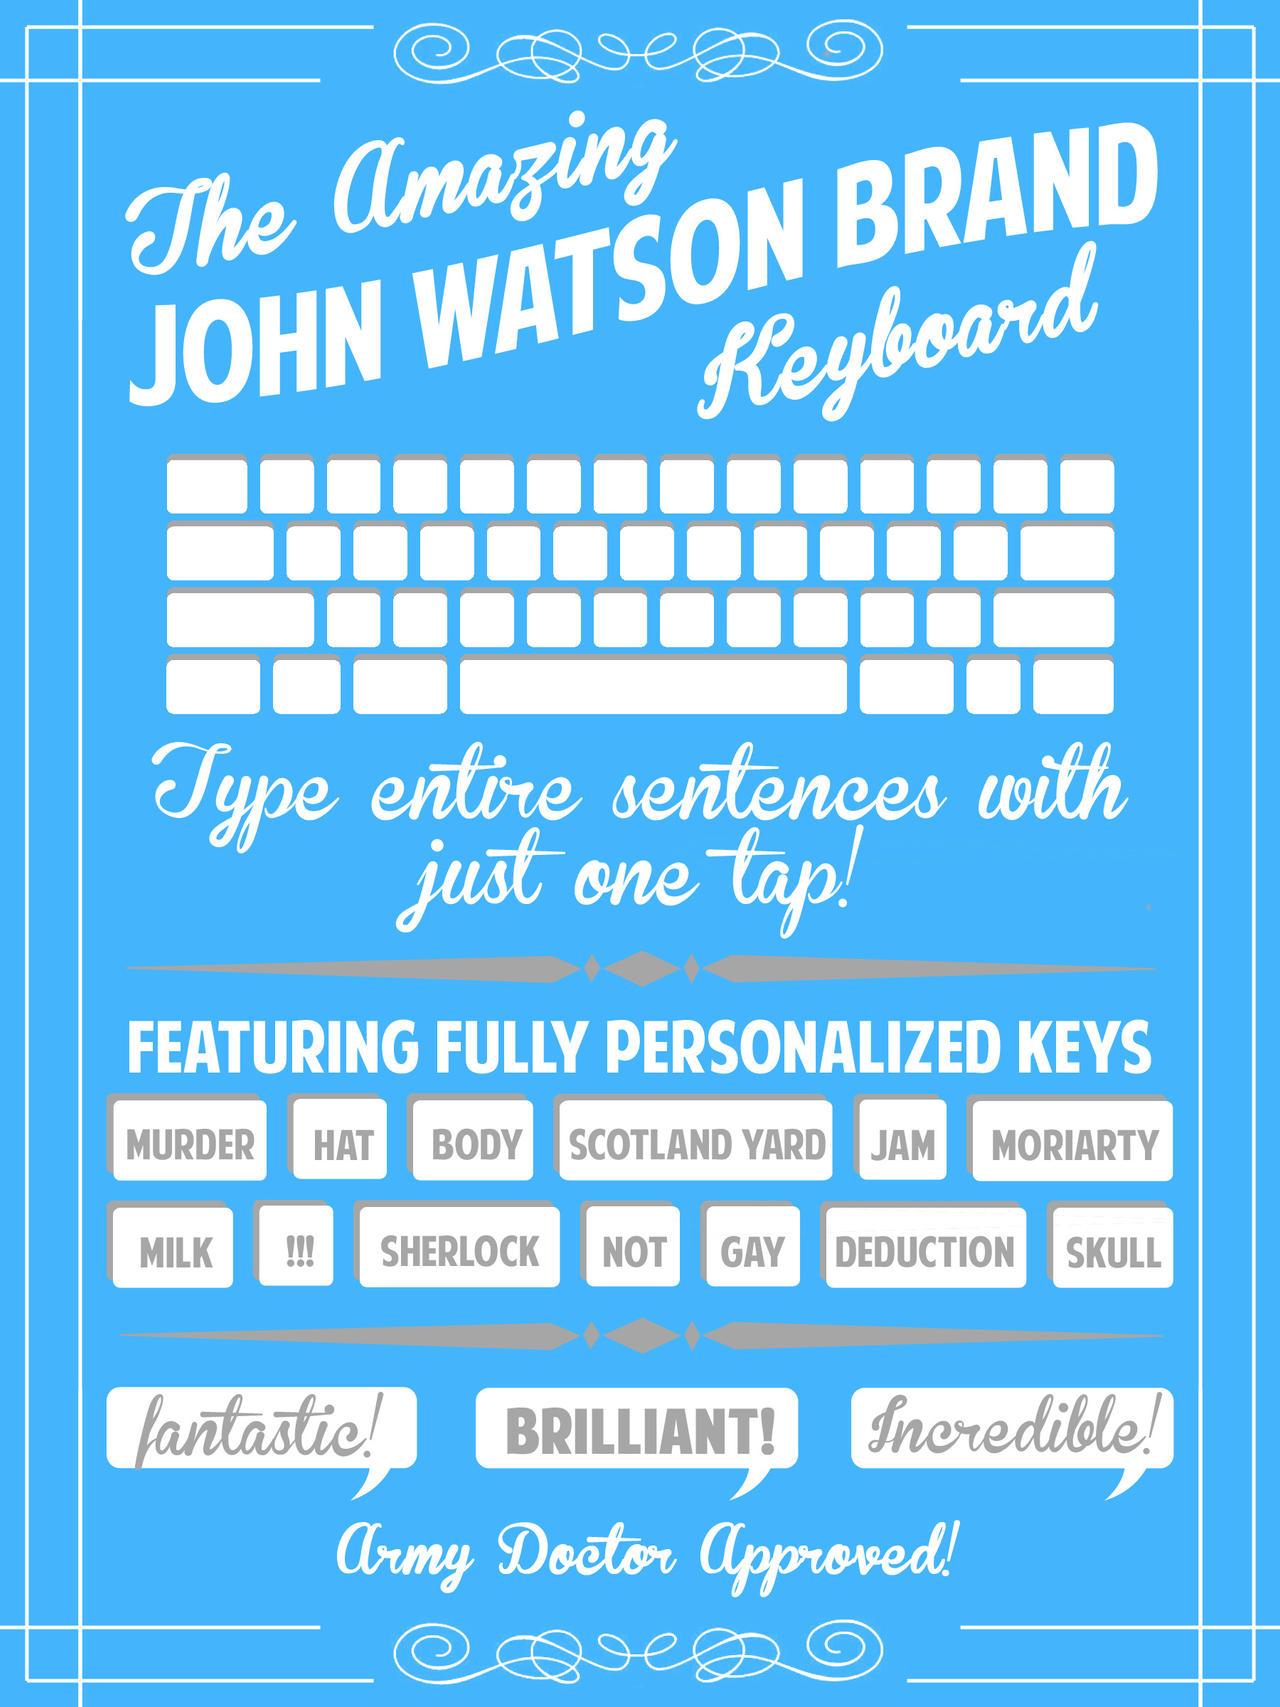 The Amazing John Watson Brand Keyboard by aidanabet